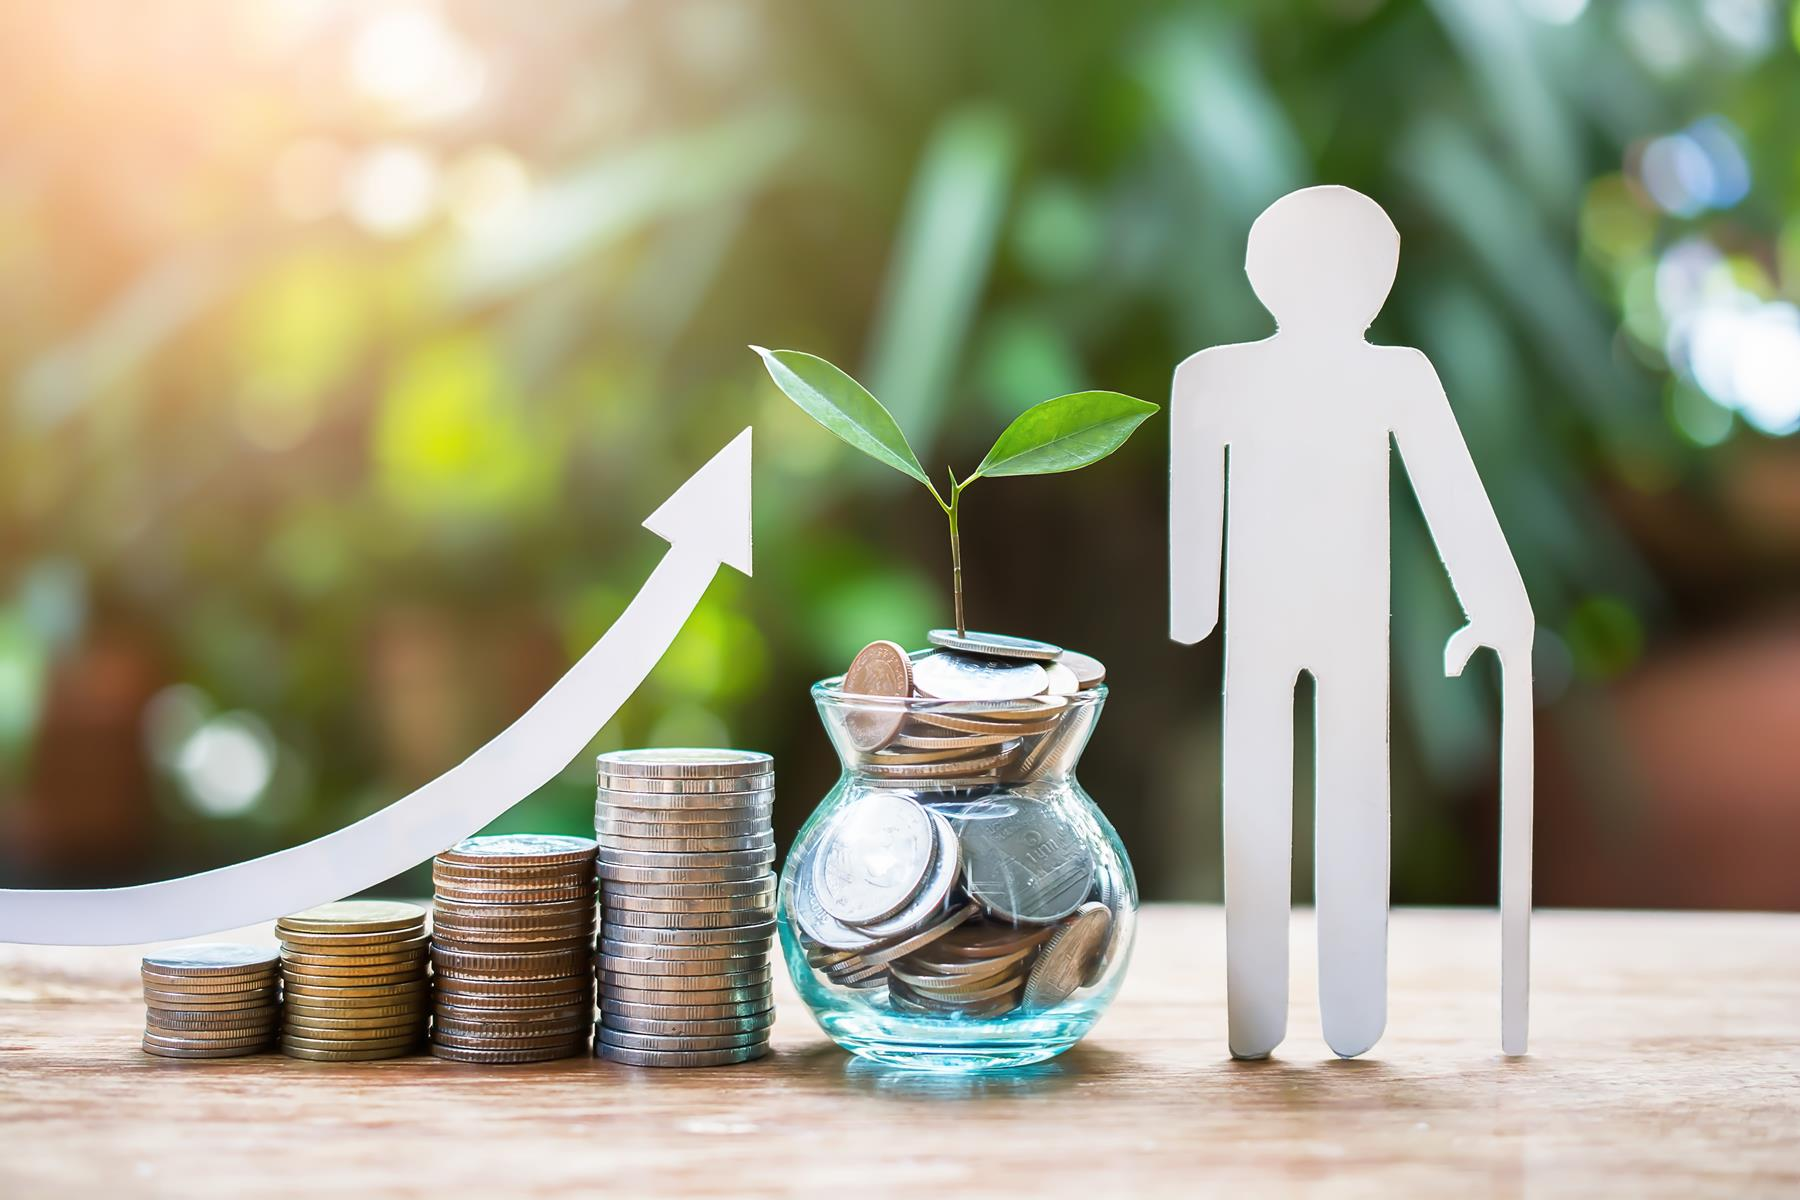 pracownicze plany kapitałowe 2019 2020